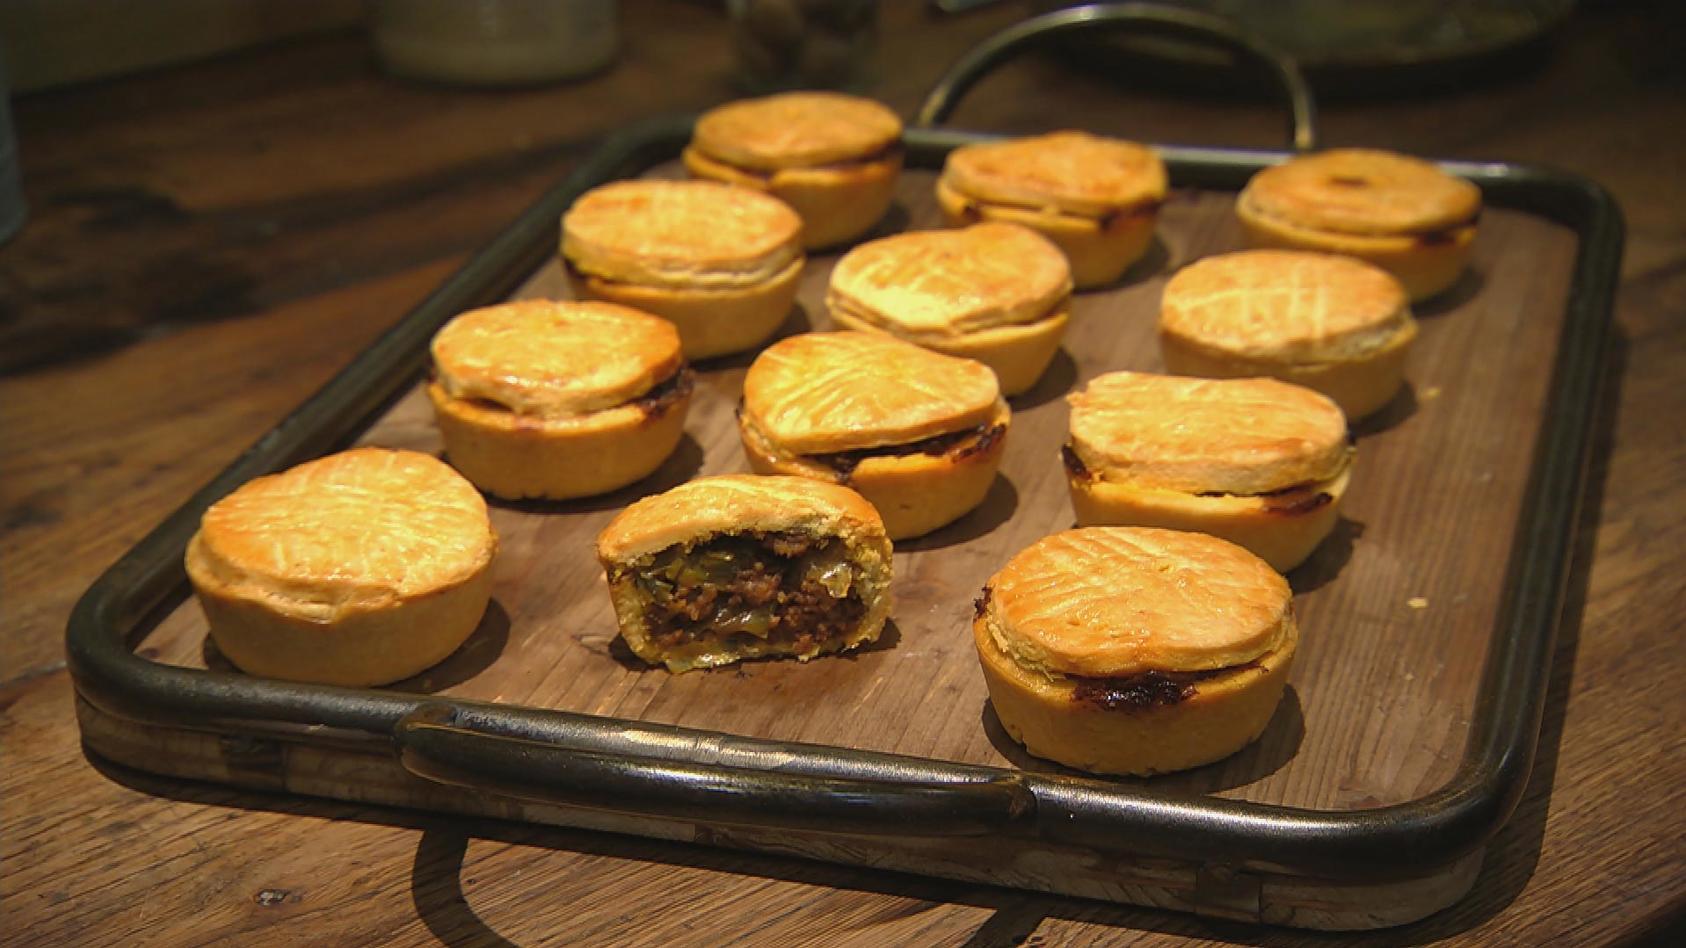 Süß und herzhaft aus dem Ofen - Das kriegt jeder gebacken: Mini-Pies mit Curryhack